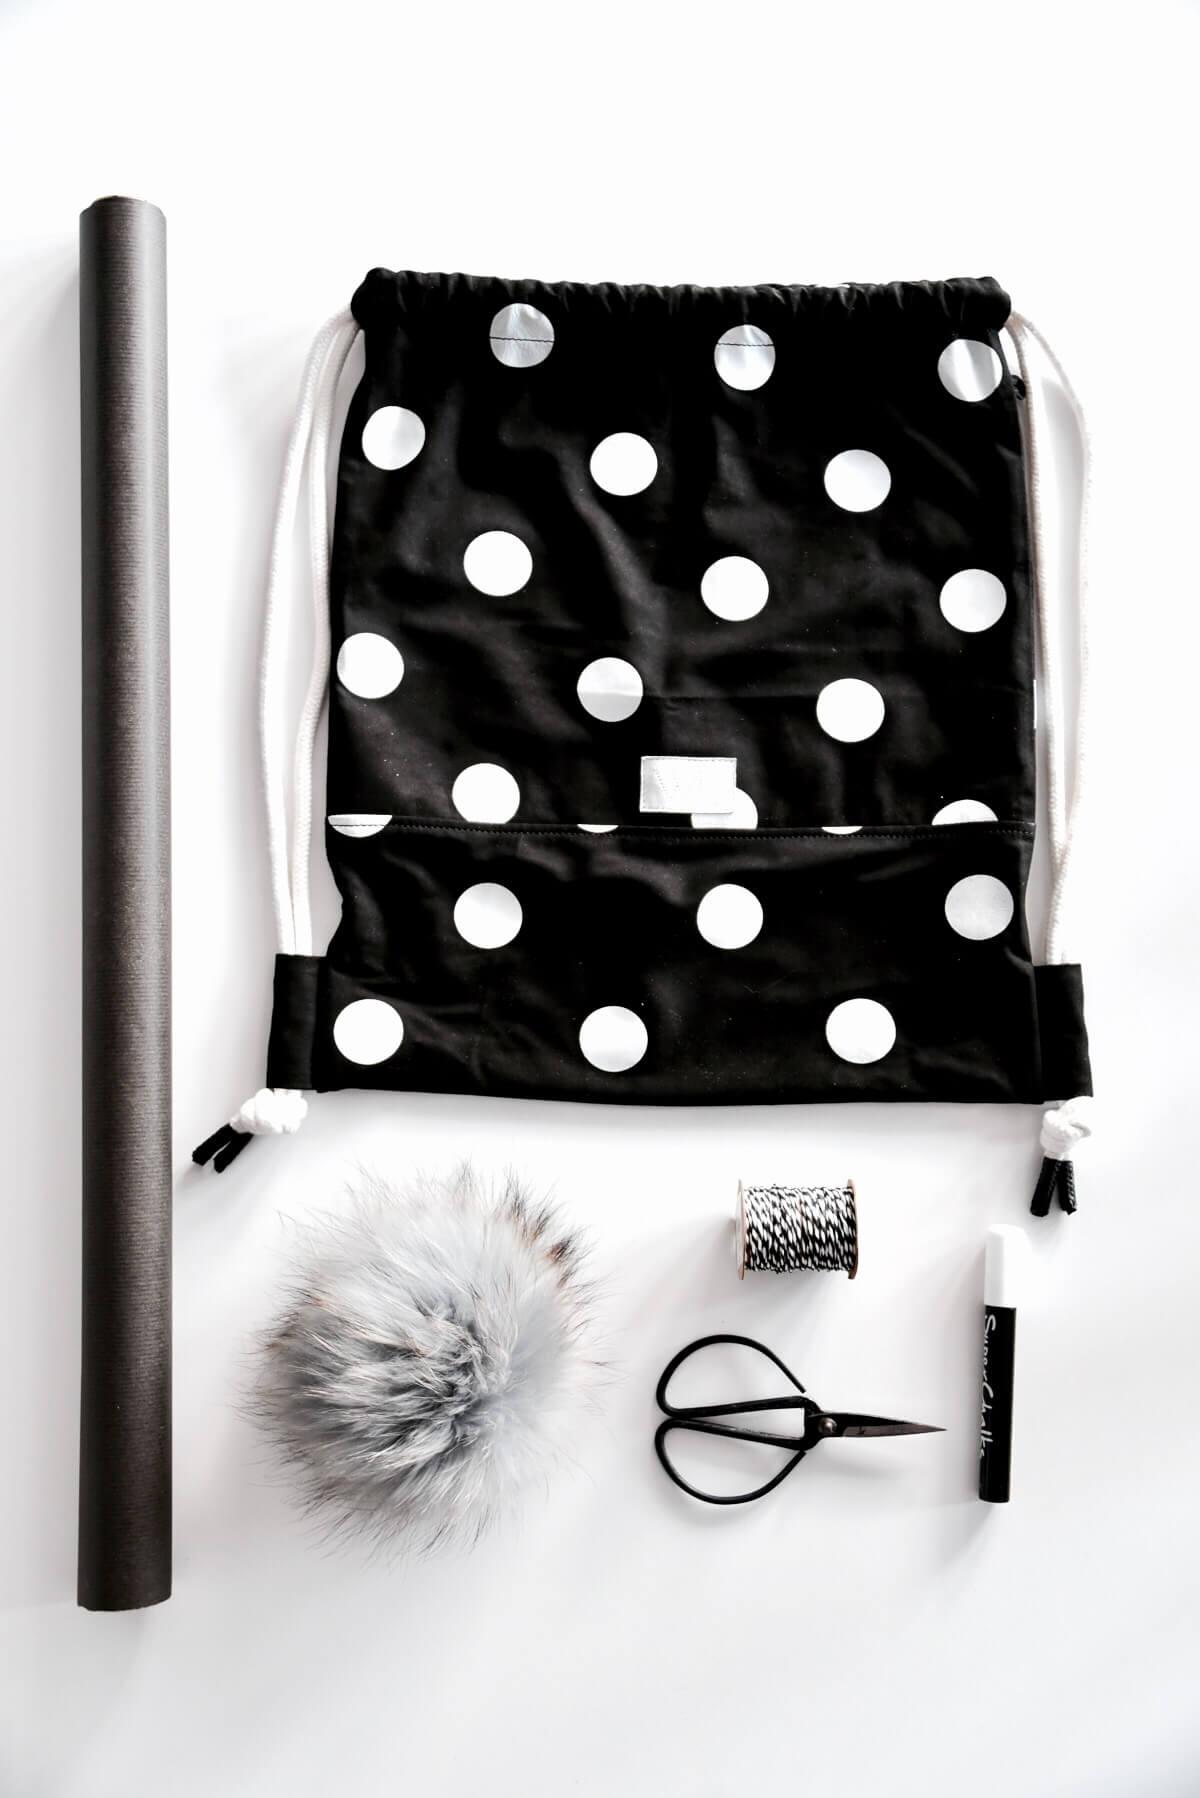 Erfahre, wie du einen Turnbeutel als individuelles Geschenk verpacken kannst. Wir haben uns 4 hübsche DIYs einfallen lassen - sieh sie dir gleich an! Wunschleder | Geschenkverpackungen | DIY